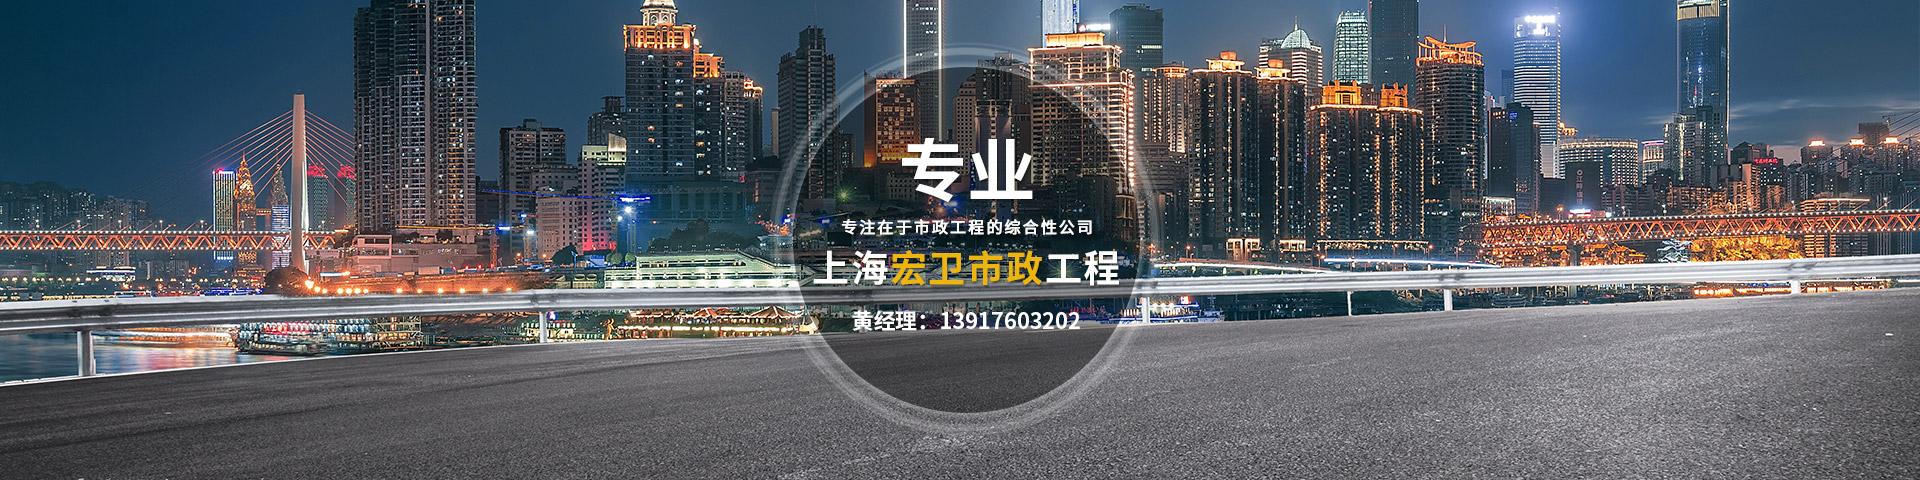 上海新万博manbetx官网登录路面摊铺